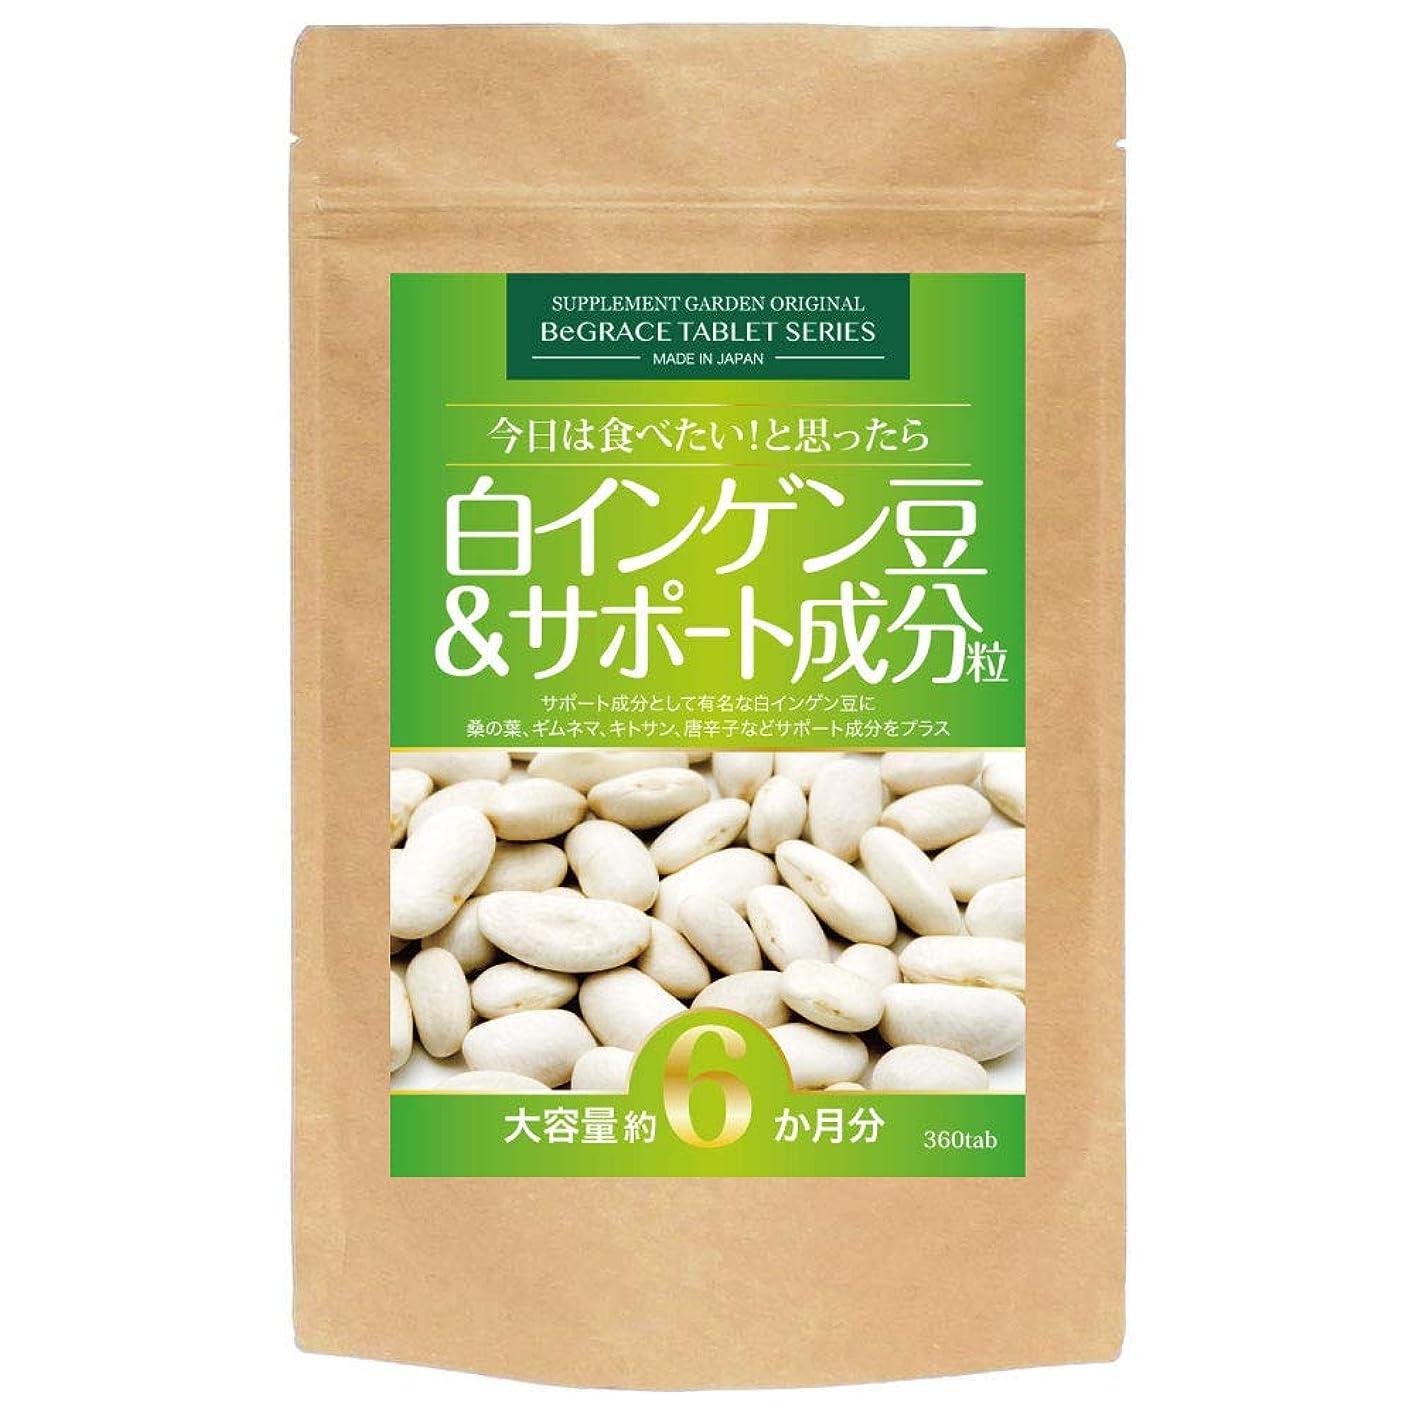 シンプトン優れたドラマ白インゲン豆&サポート成分粒 大容量約6ヶ月分/360粒(白インゲン豆?桑の葉?ギムネマ?キトサン?唐辛子)